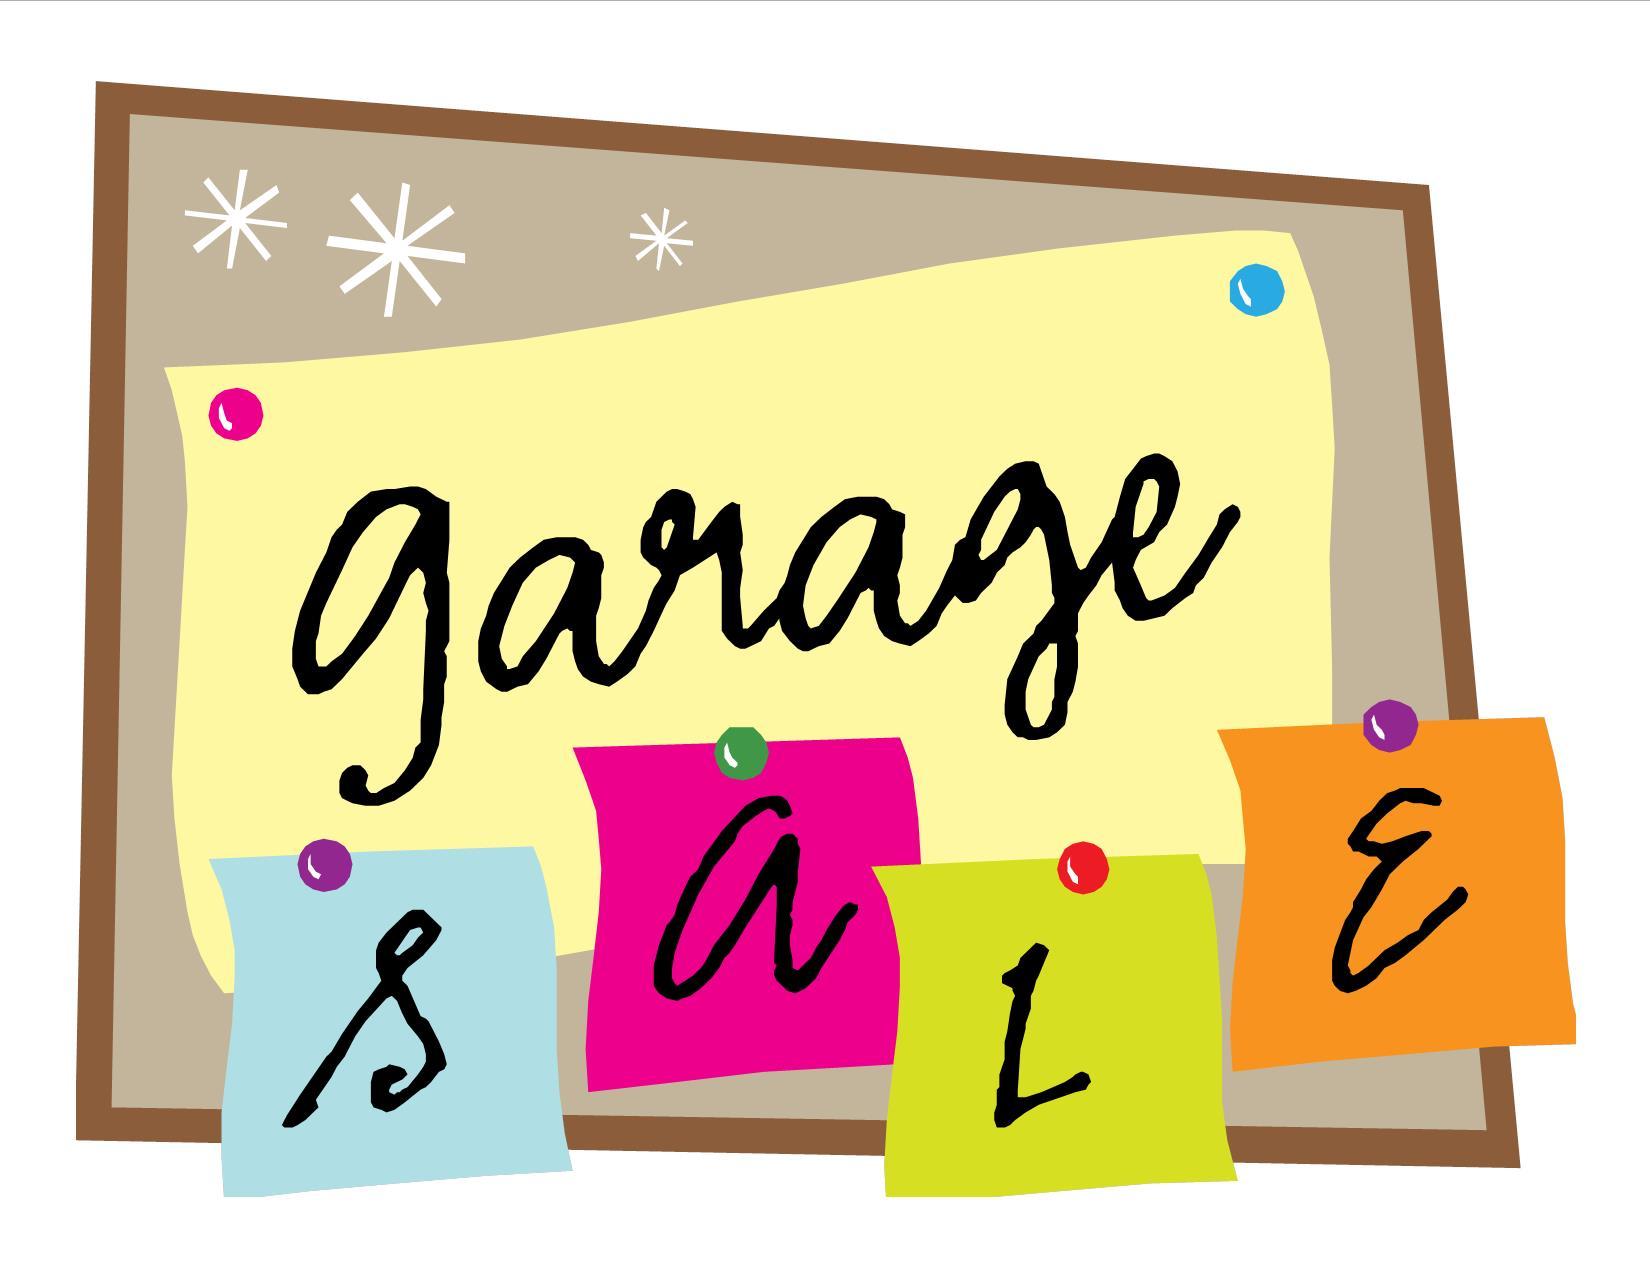 1650x1275 Garage Sale